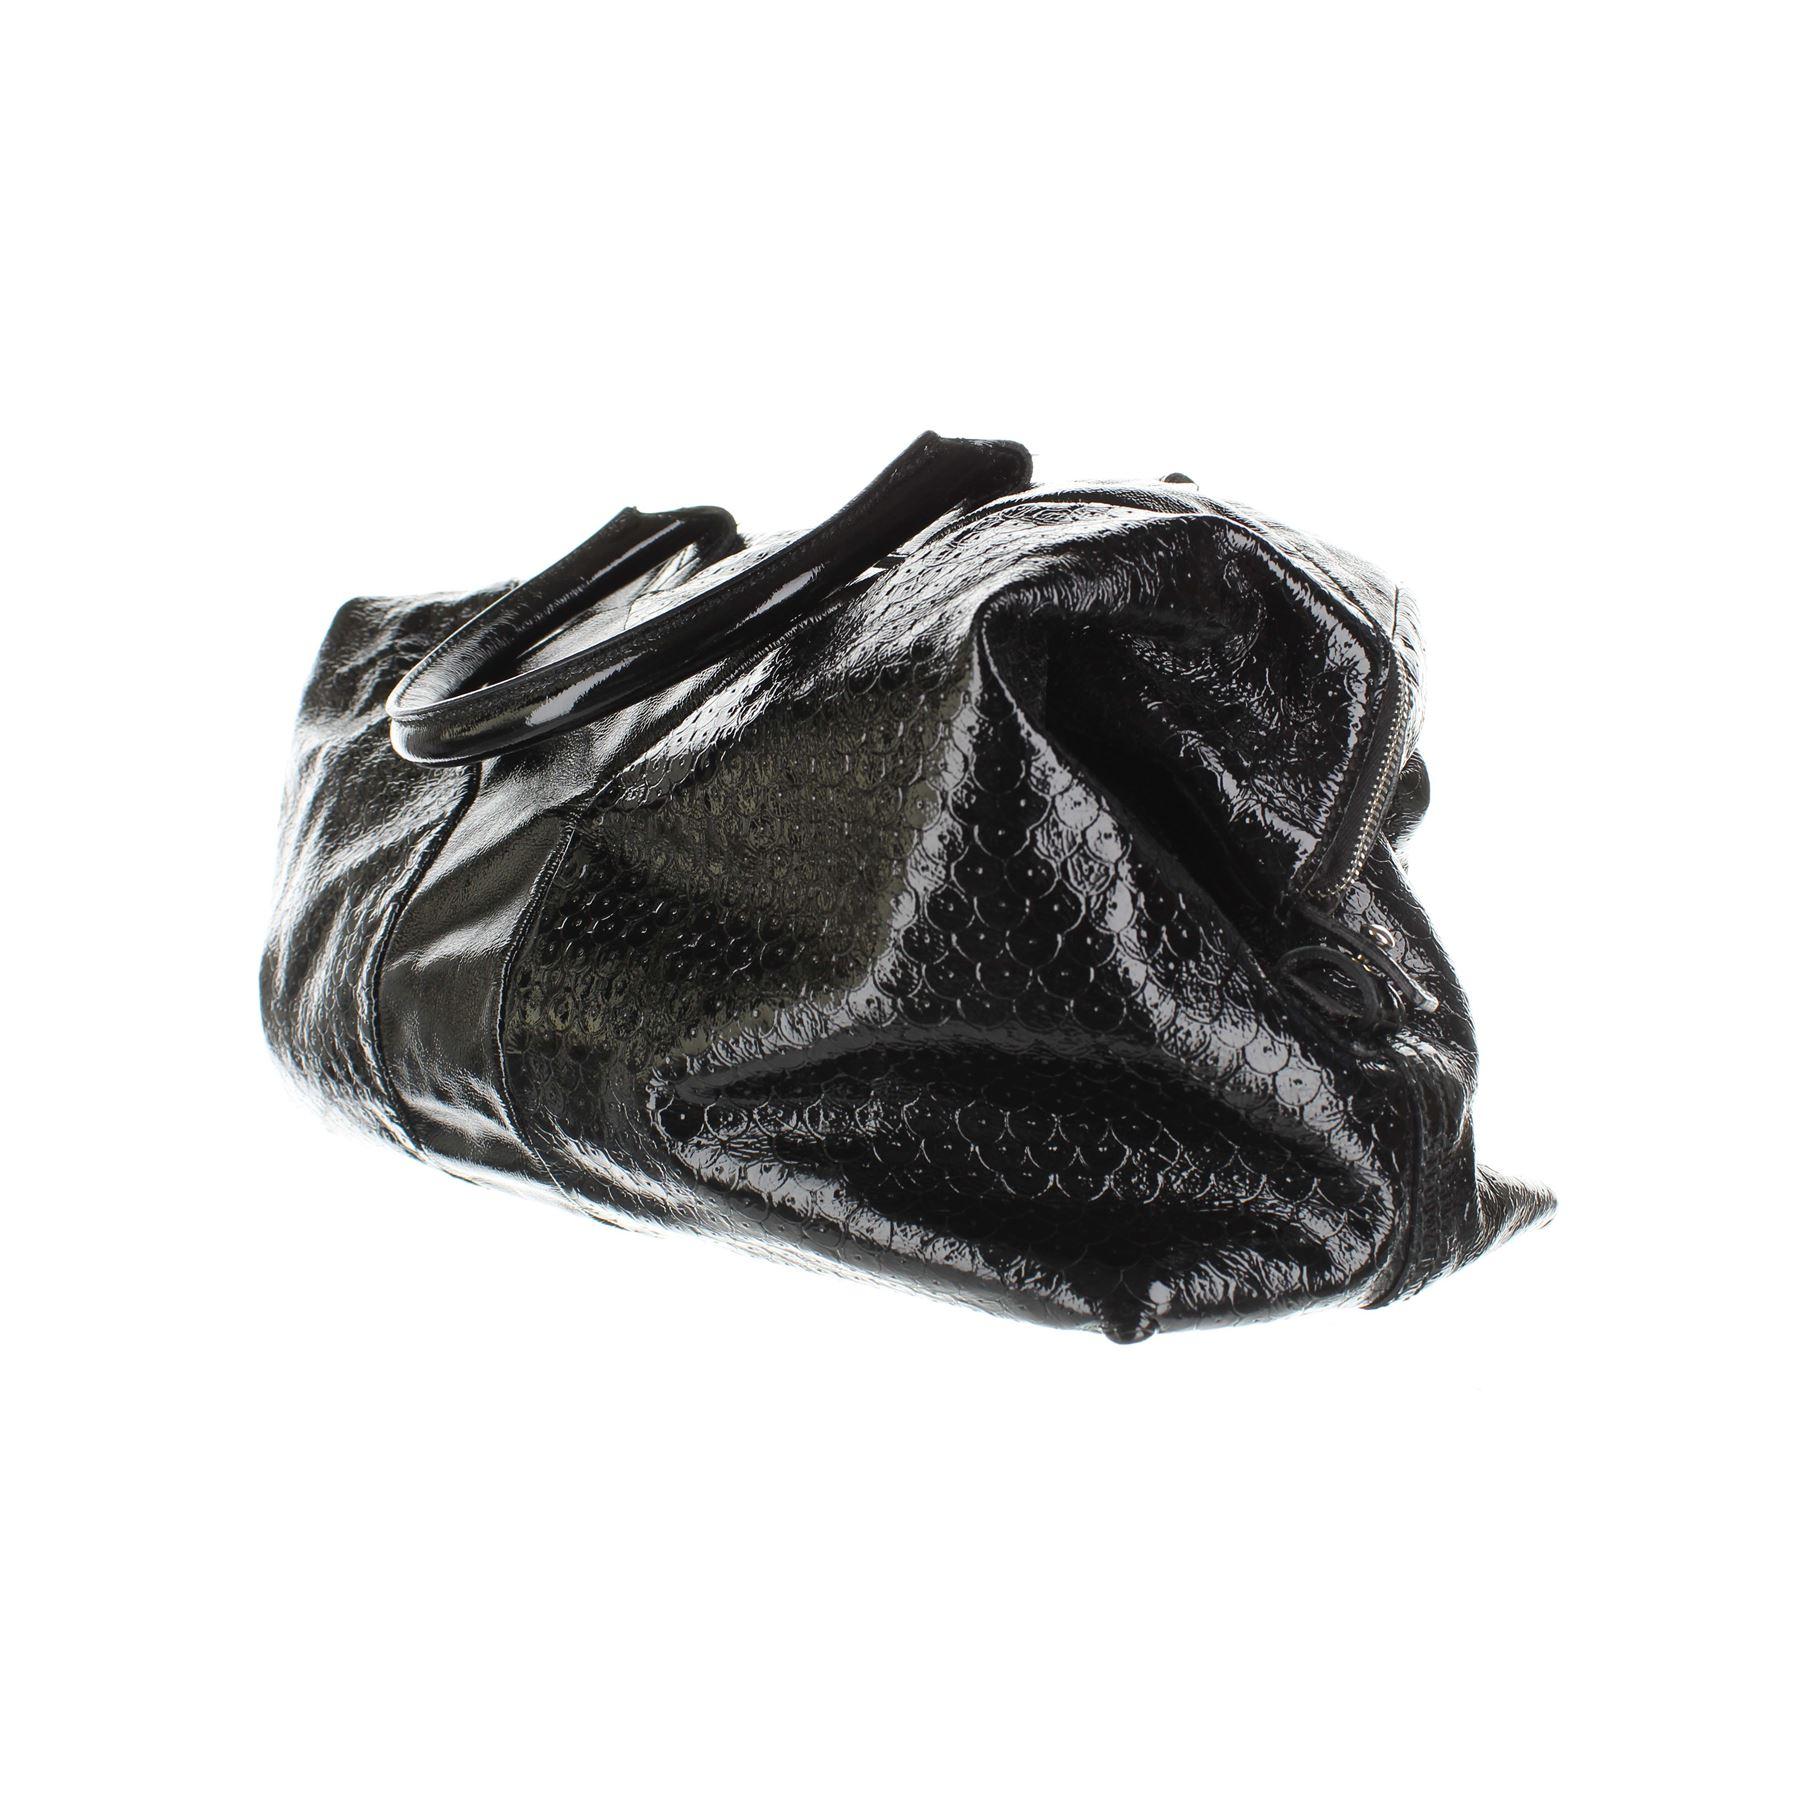 YVES SAINT LAURENT Easy Borsa in pelle nera verniciata 3d1273b6714